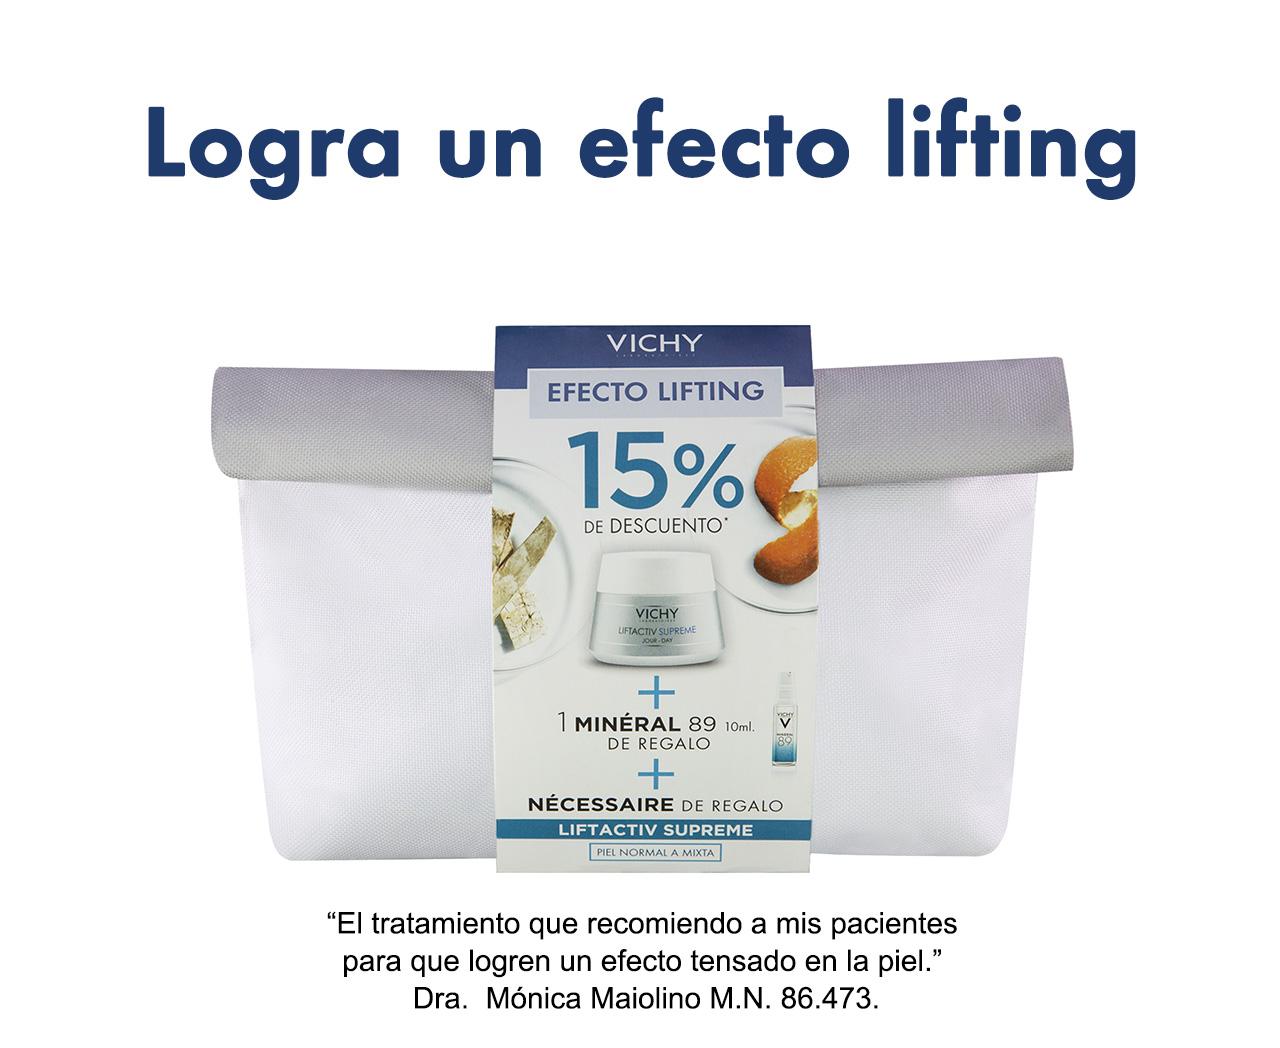 Liftactiv Supreme Piel Normal a Mixta+ Minéral 89 de REGALO